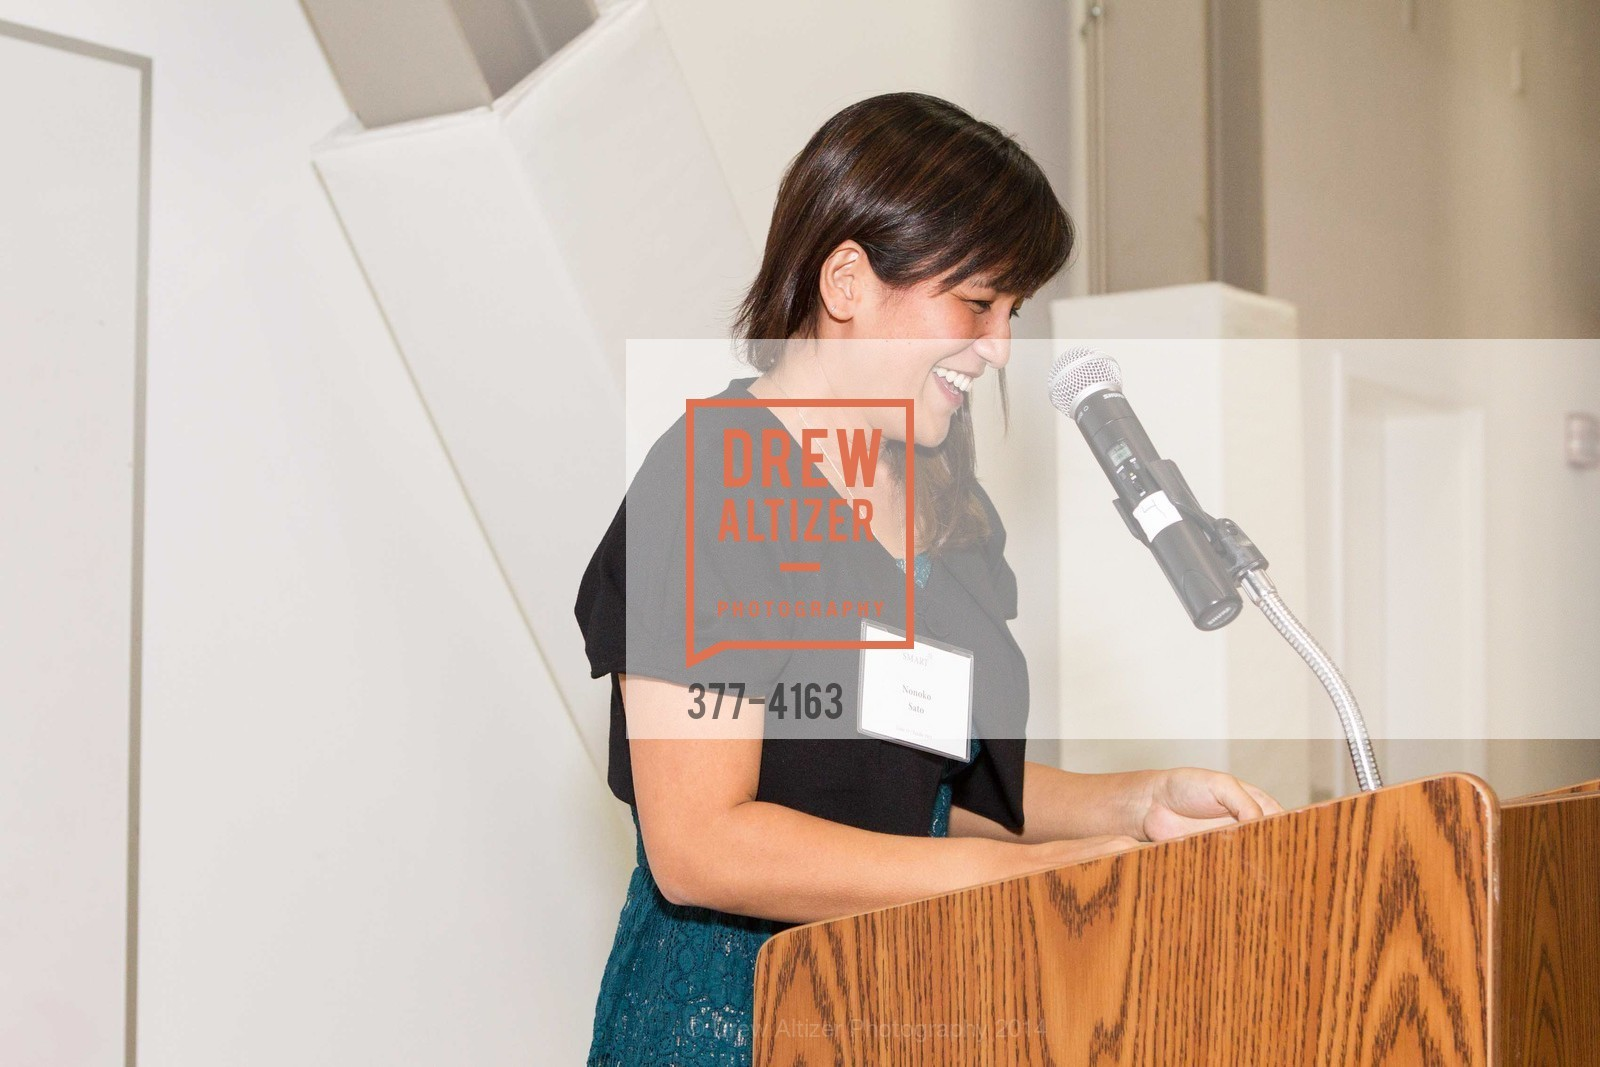 Nonoko Sato, Photo #377-4163